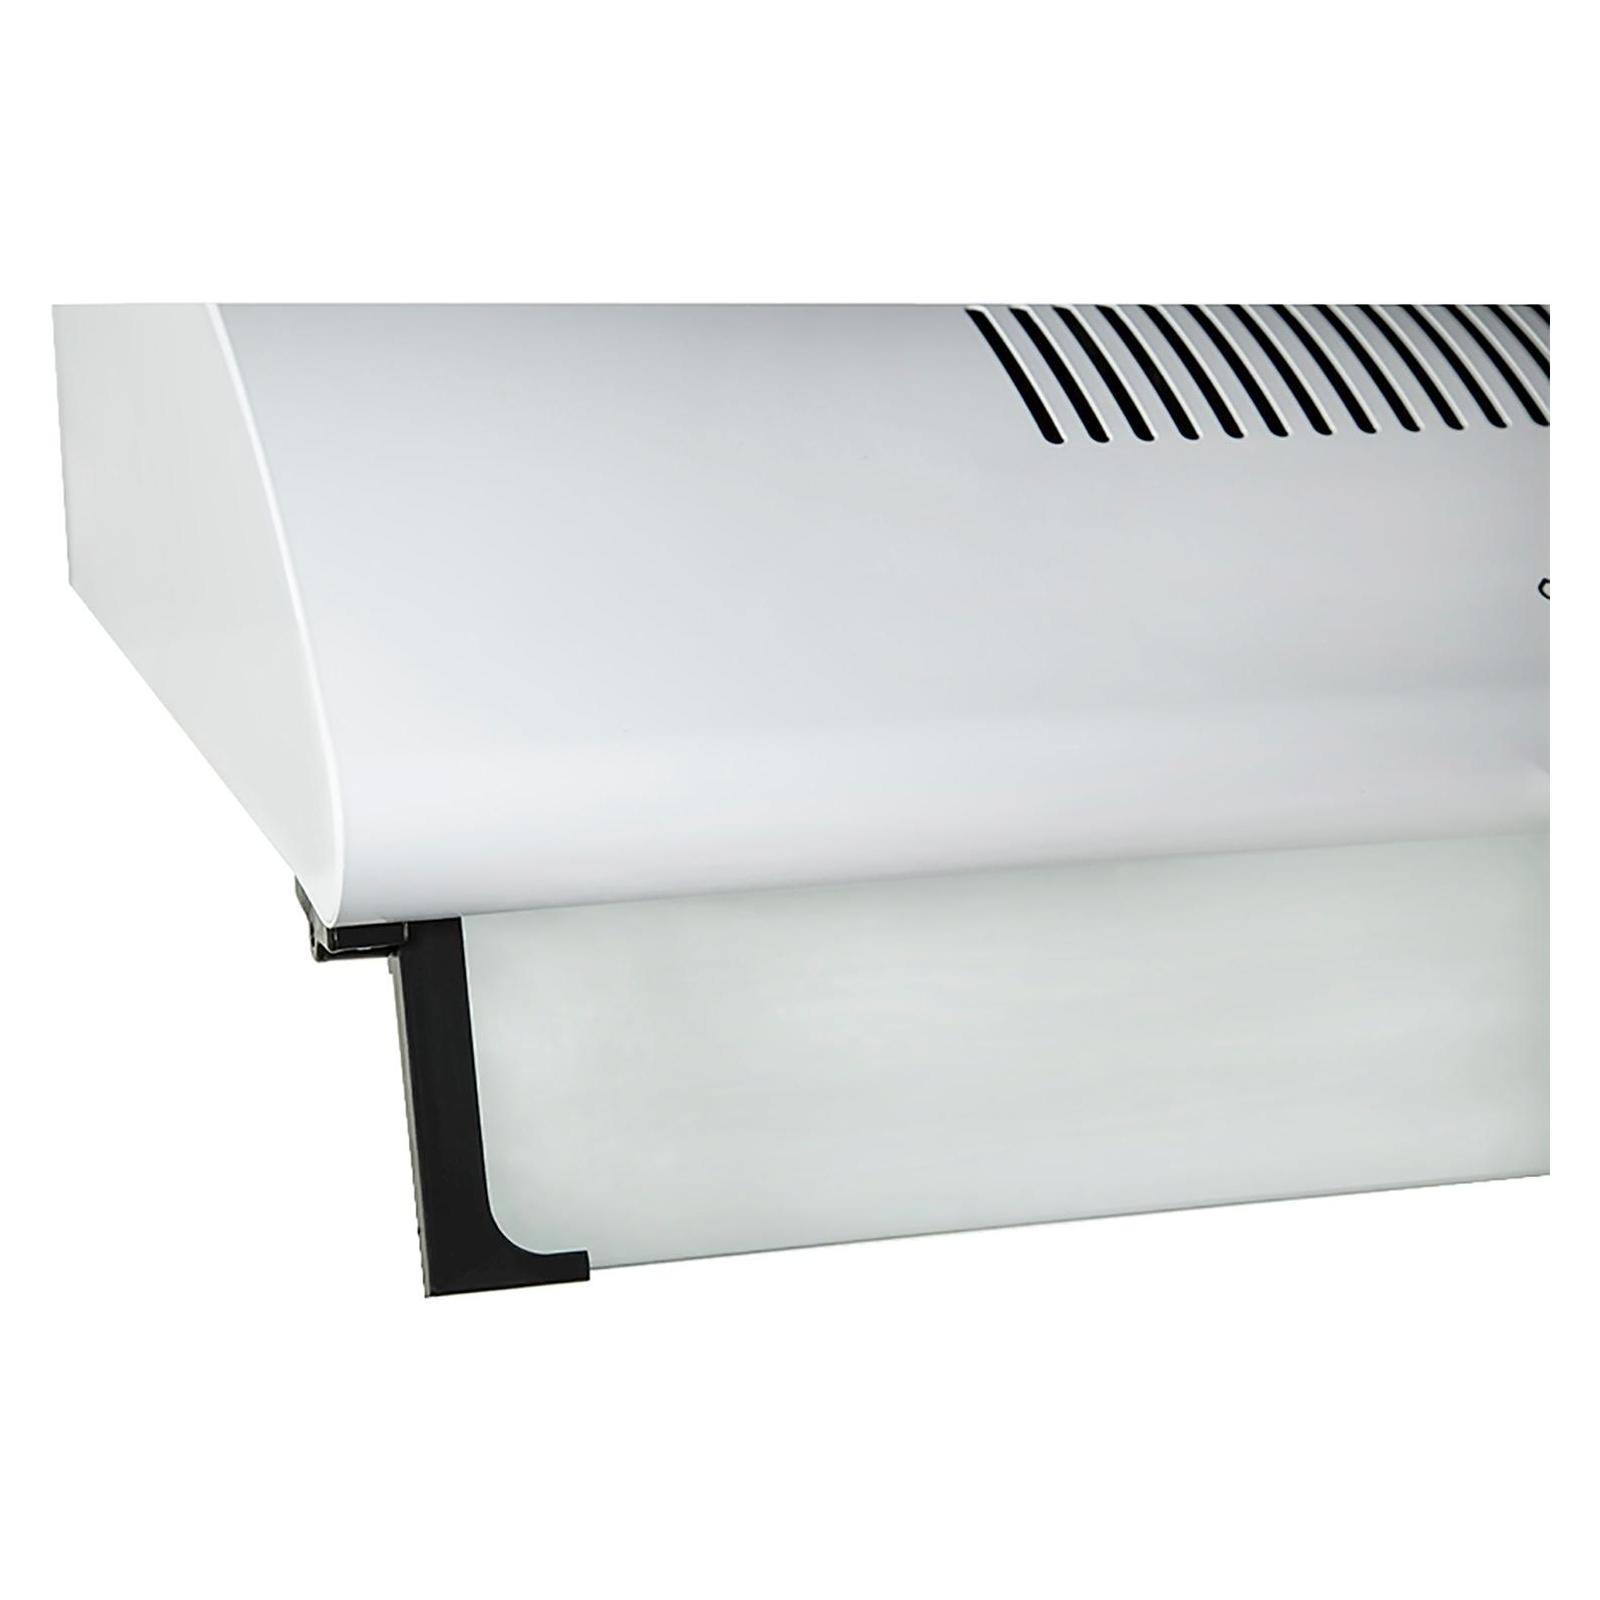 Вытяжка кухонная MINOLA HPL 6140 WH 630 изображение 4